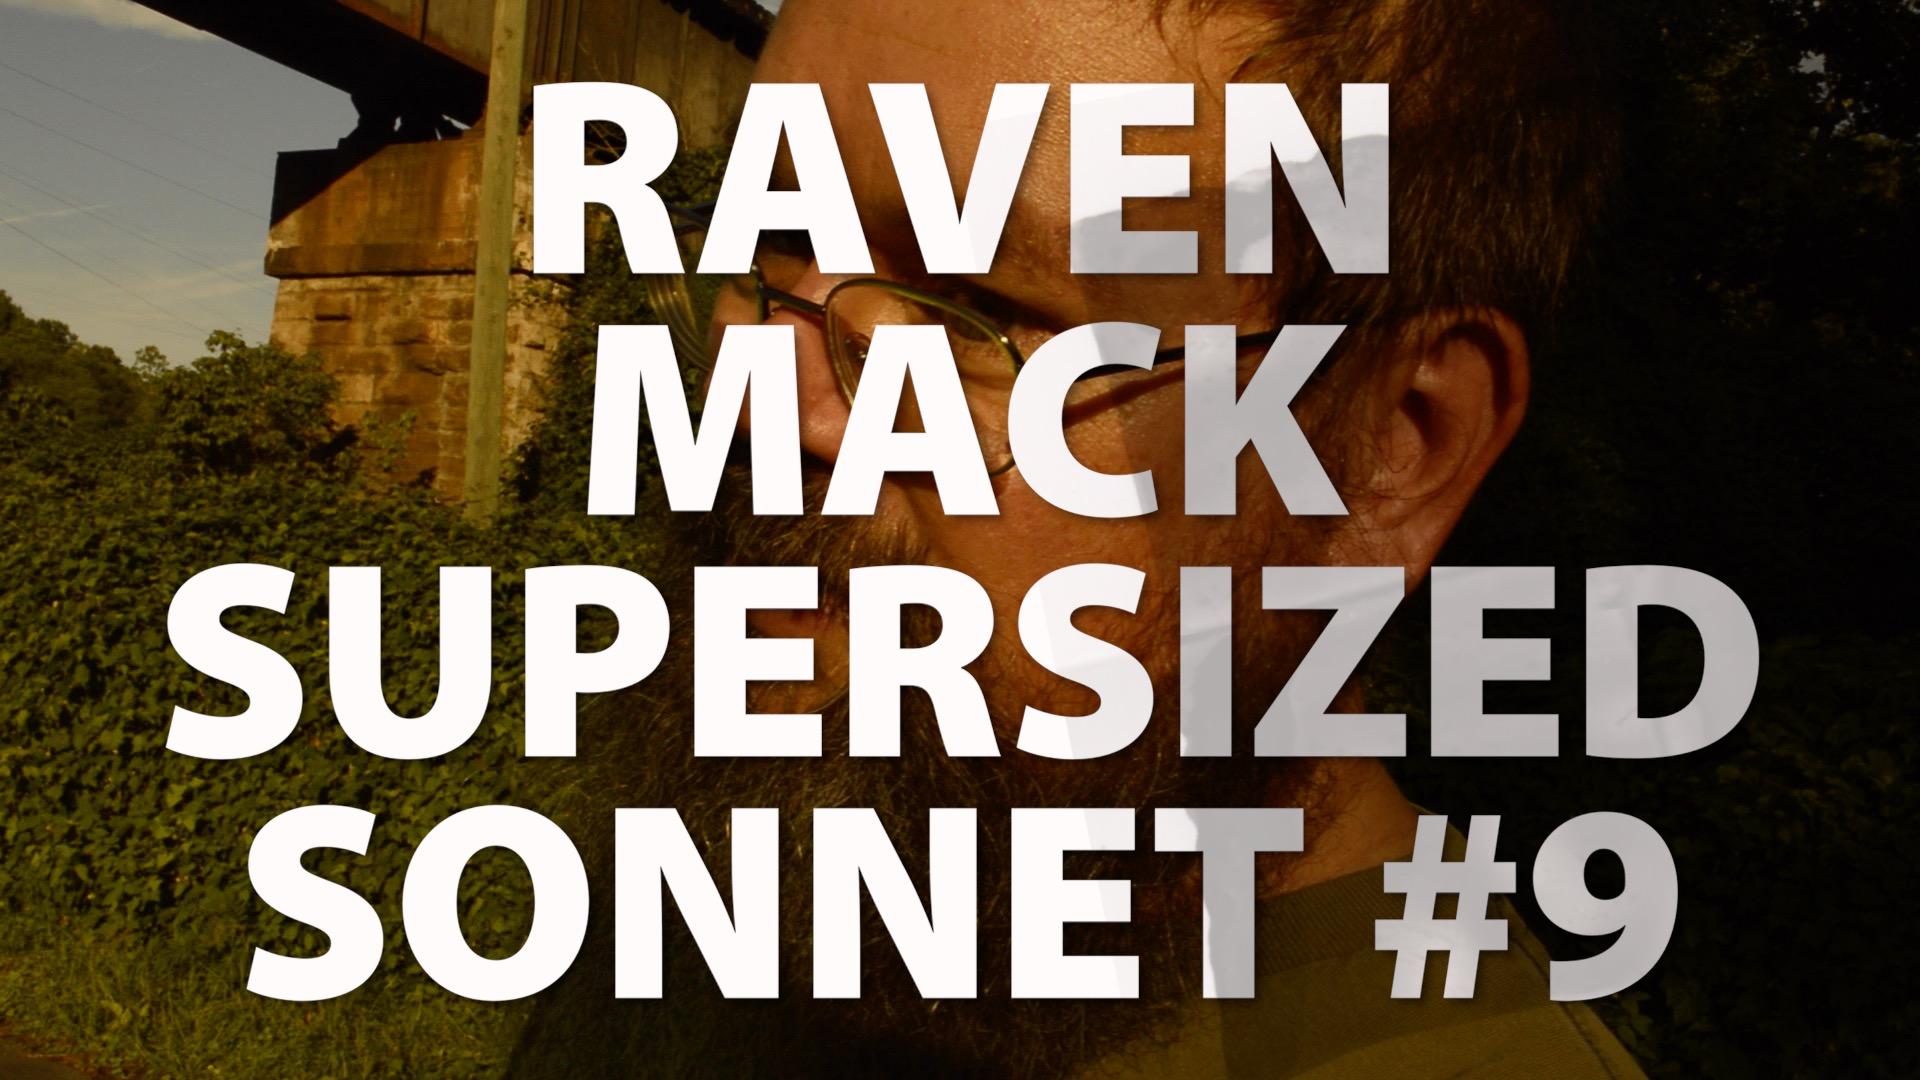 Raven Mack Supersized Sonnet #9